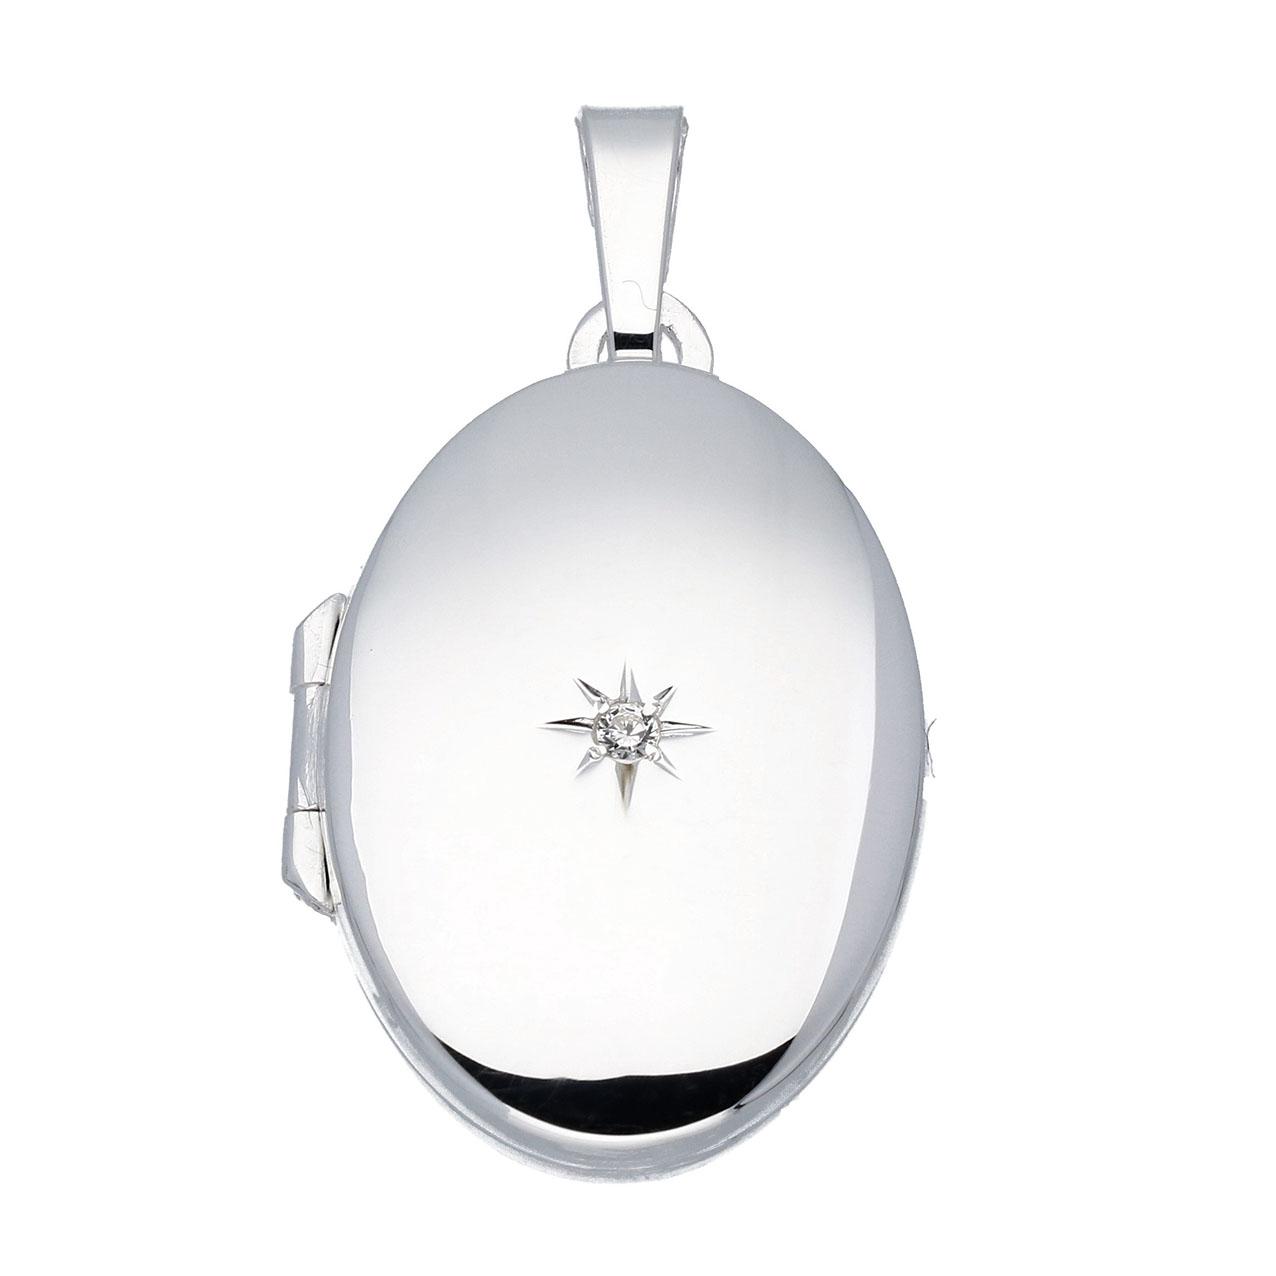 Zilveren Medaillon Ovaal met zirkonia - 17 x 26 mm 145.0025.00